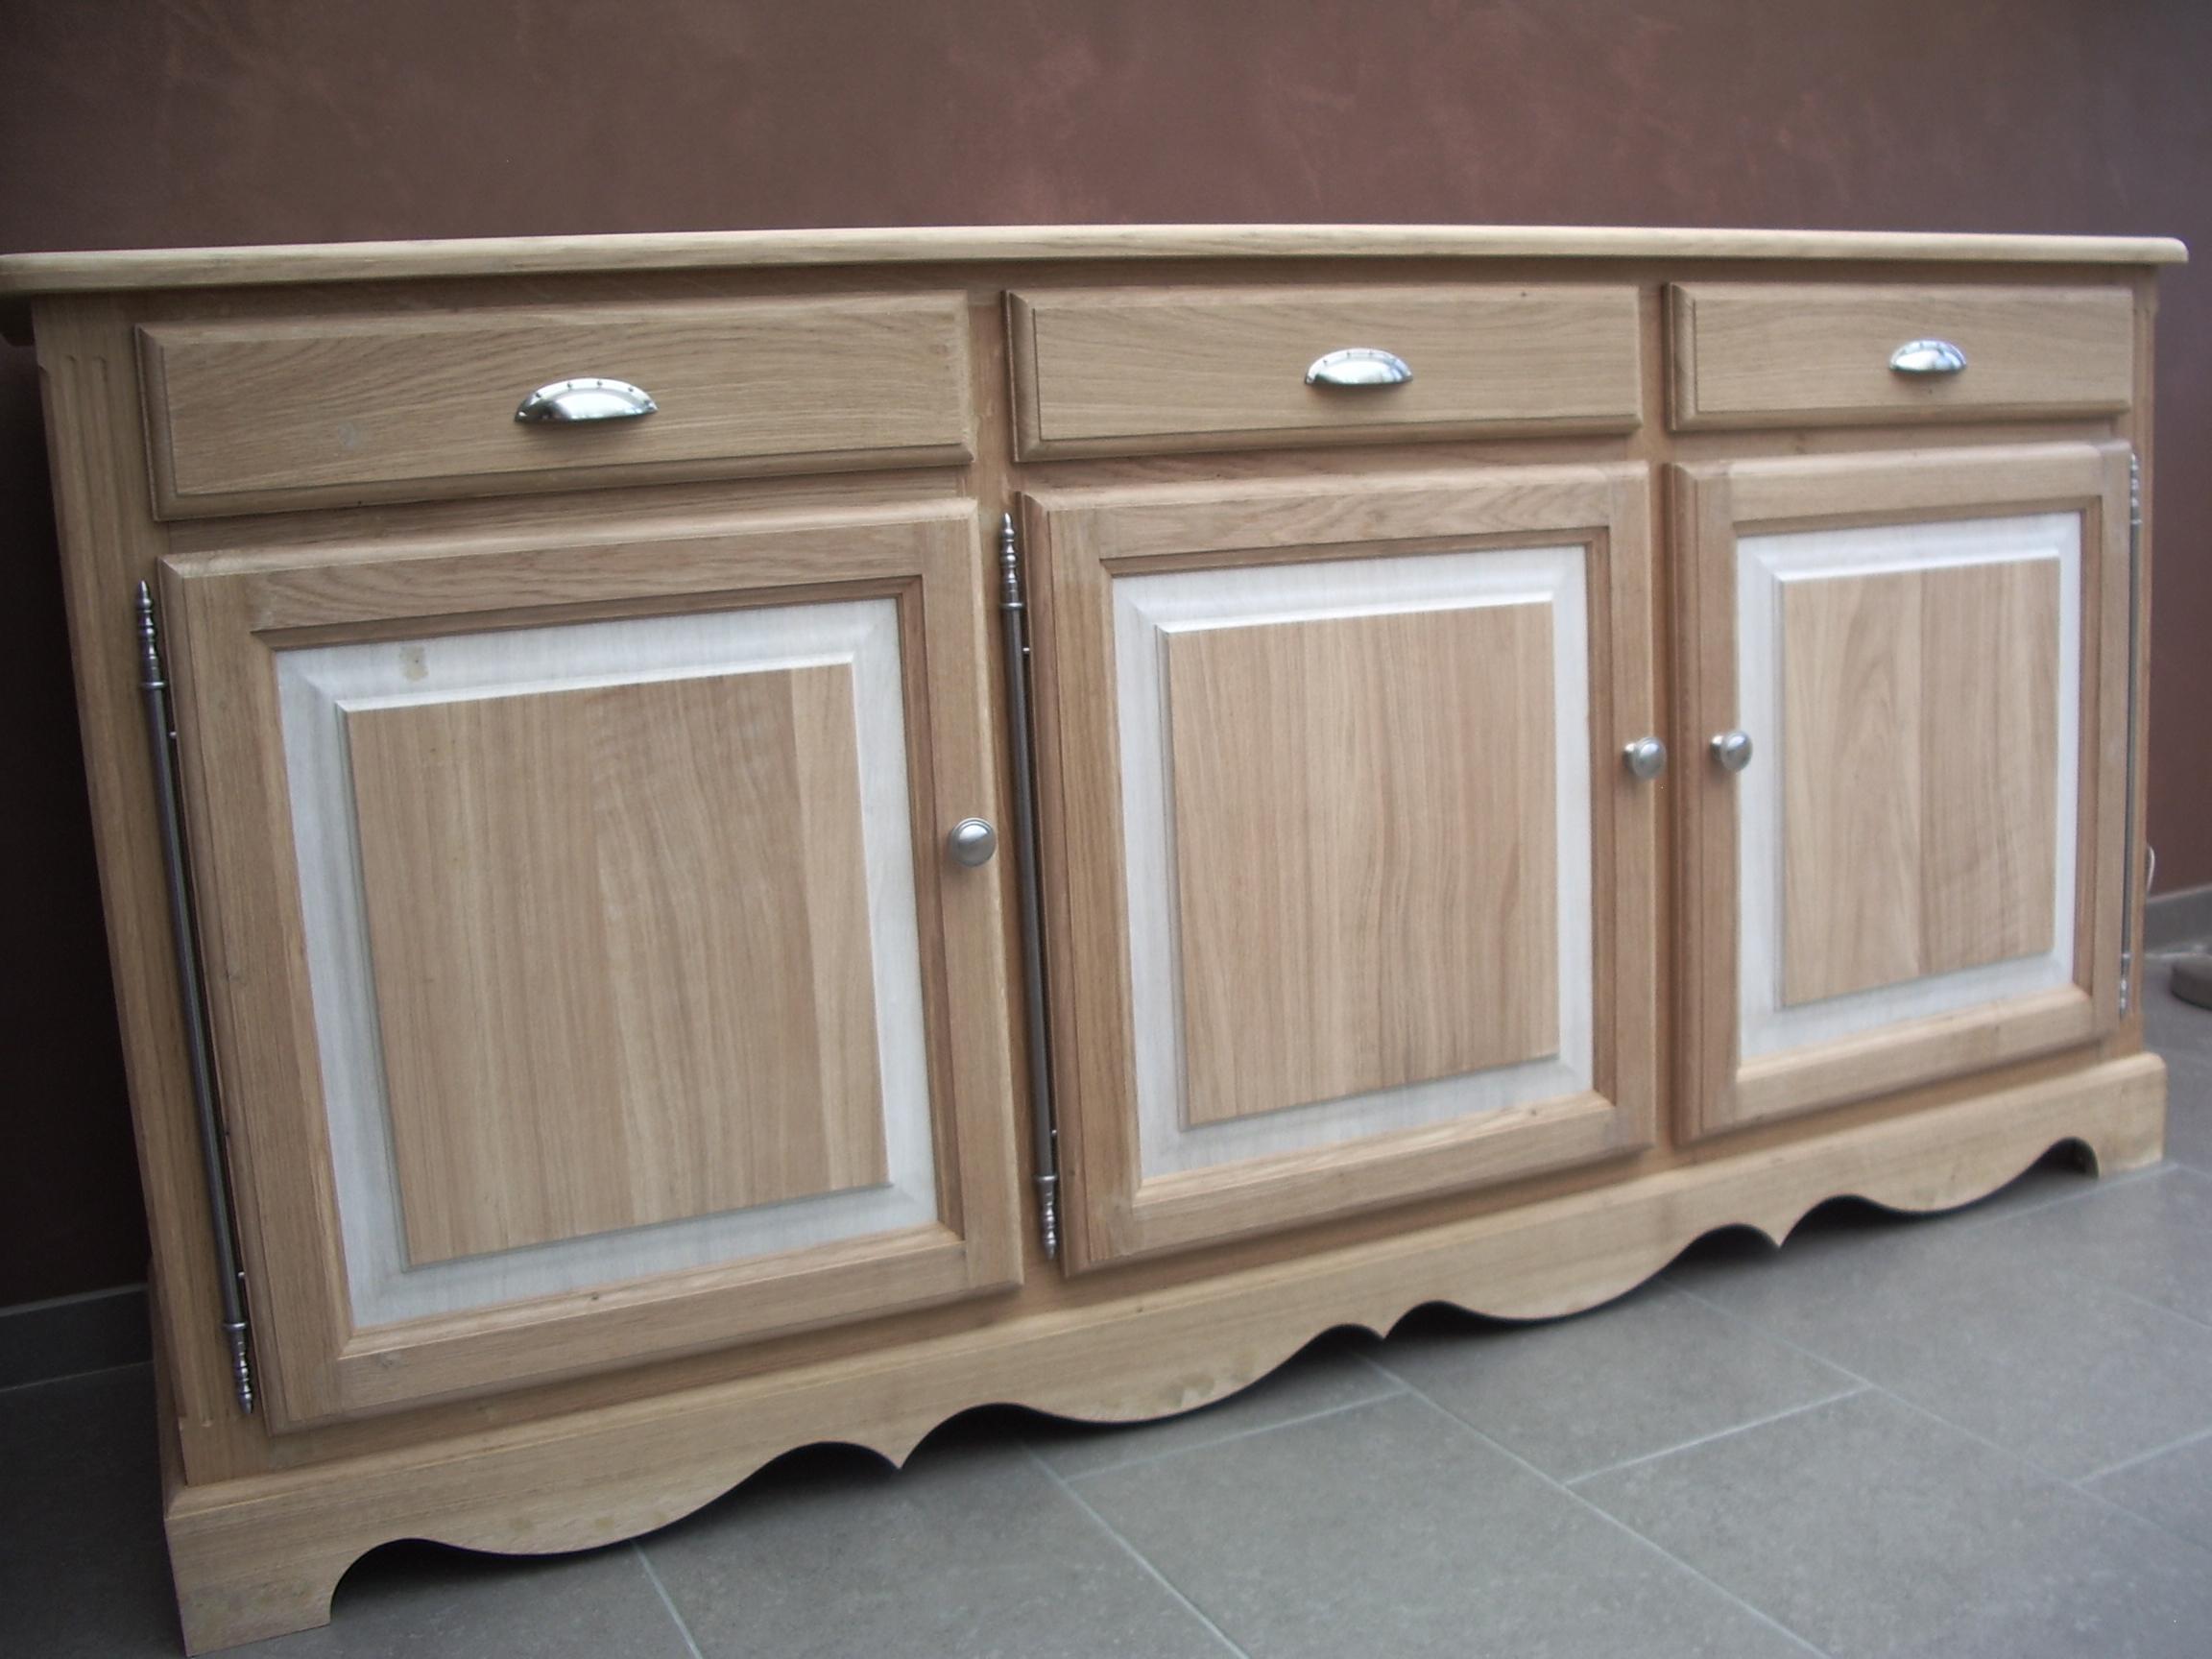 Peinture d corative pour meuble bois id es de travaux - Peinture pour bois meuble ...